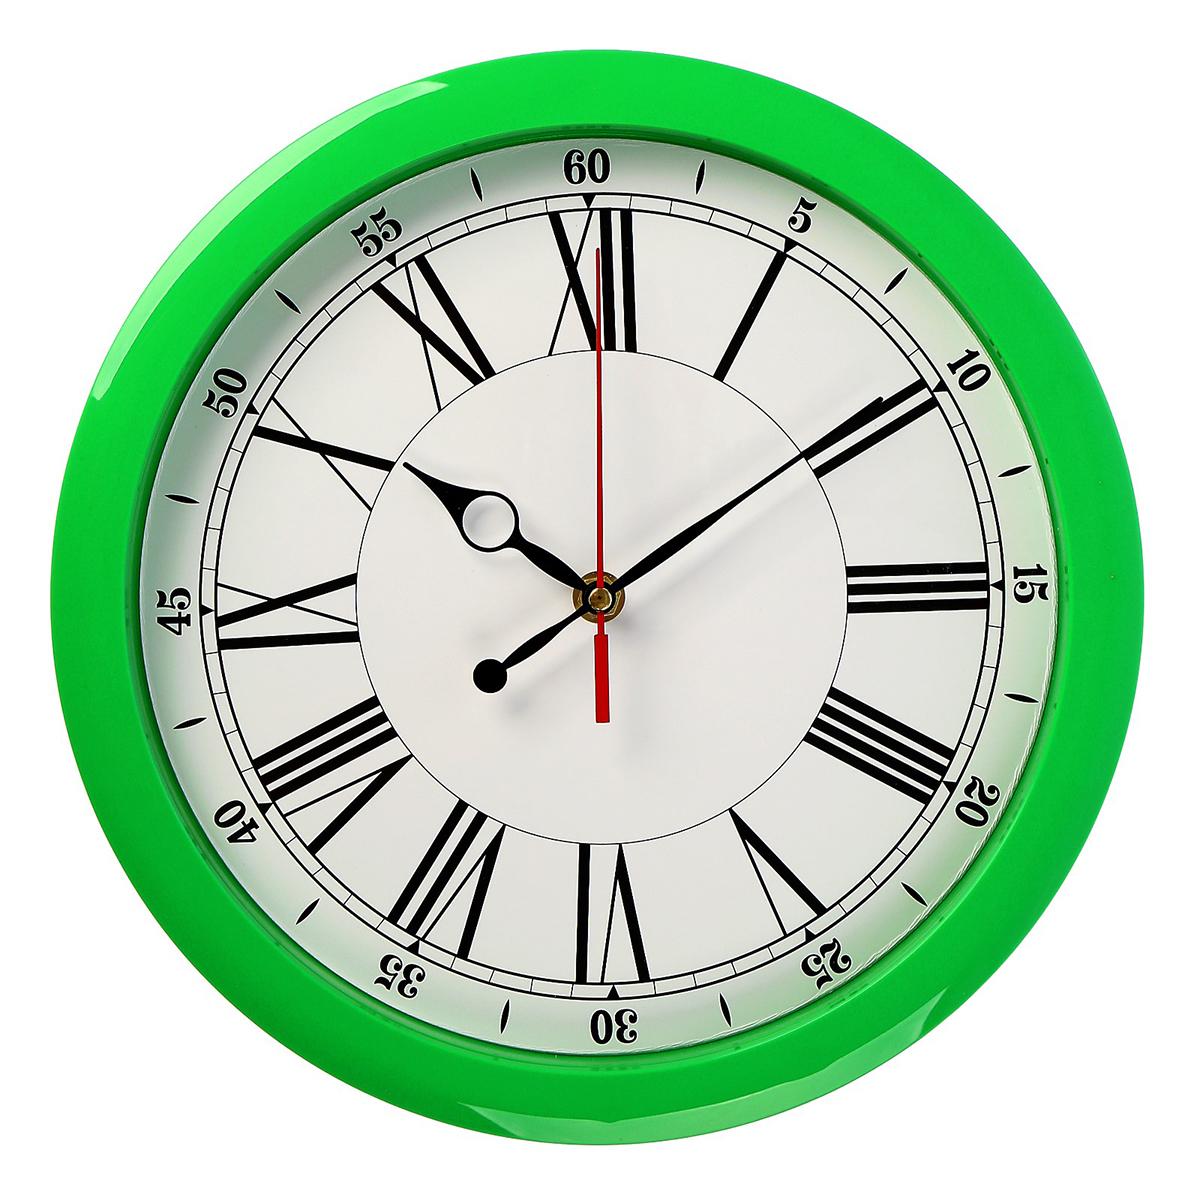 Часы настенные Классика, цвет: зеленый. 24364862436486Каждому хозяину периодически приходит мысль обновить свою квартиру, сделать ремонт, перестановку или кардинально поменять внешний вид каждой комнаты. — привлекательная деталь, которая поможет воплотить вашу интерьерную идею, создать неповторимую атмосферу в вашем доме. Окружите себя приятными мелочами, пусть они радуют глаз и дарят гармонию.Настенные часы пластик Классика, зелёный обод 2436486